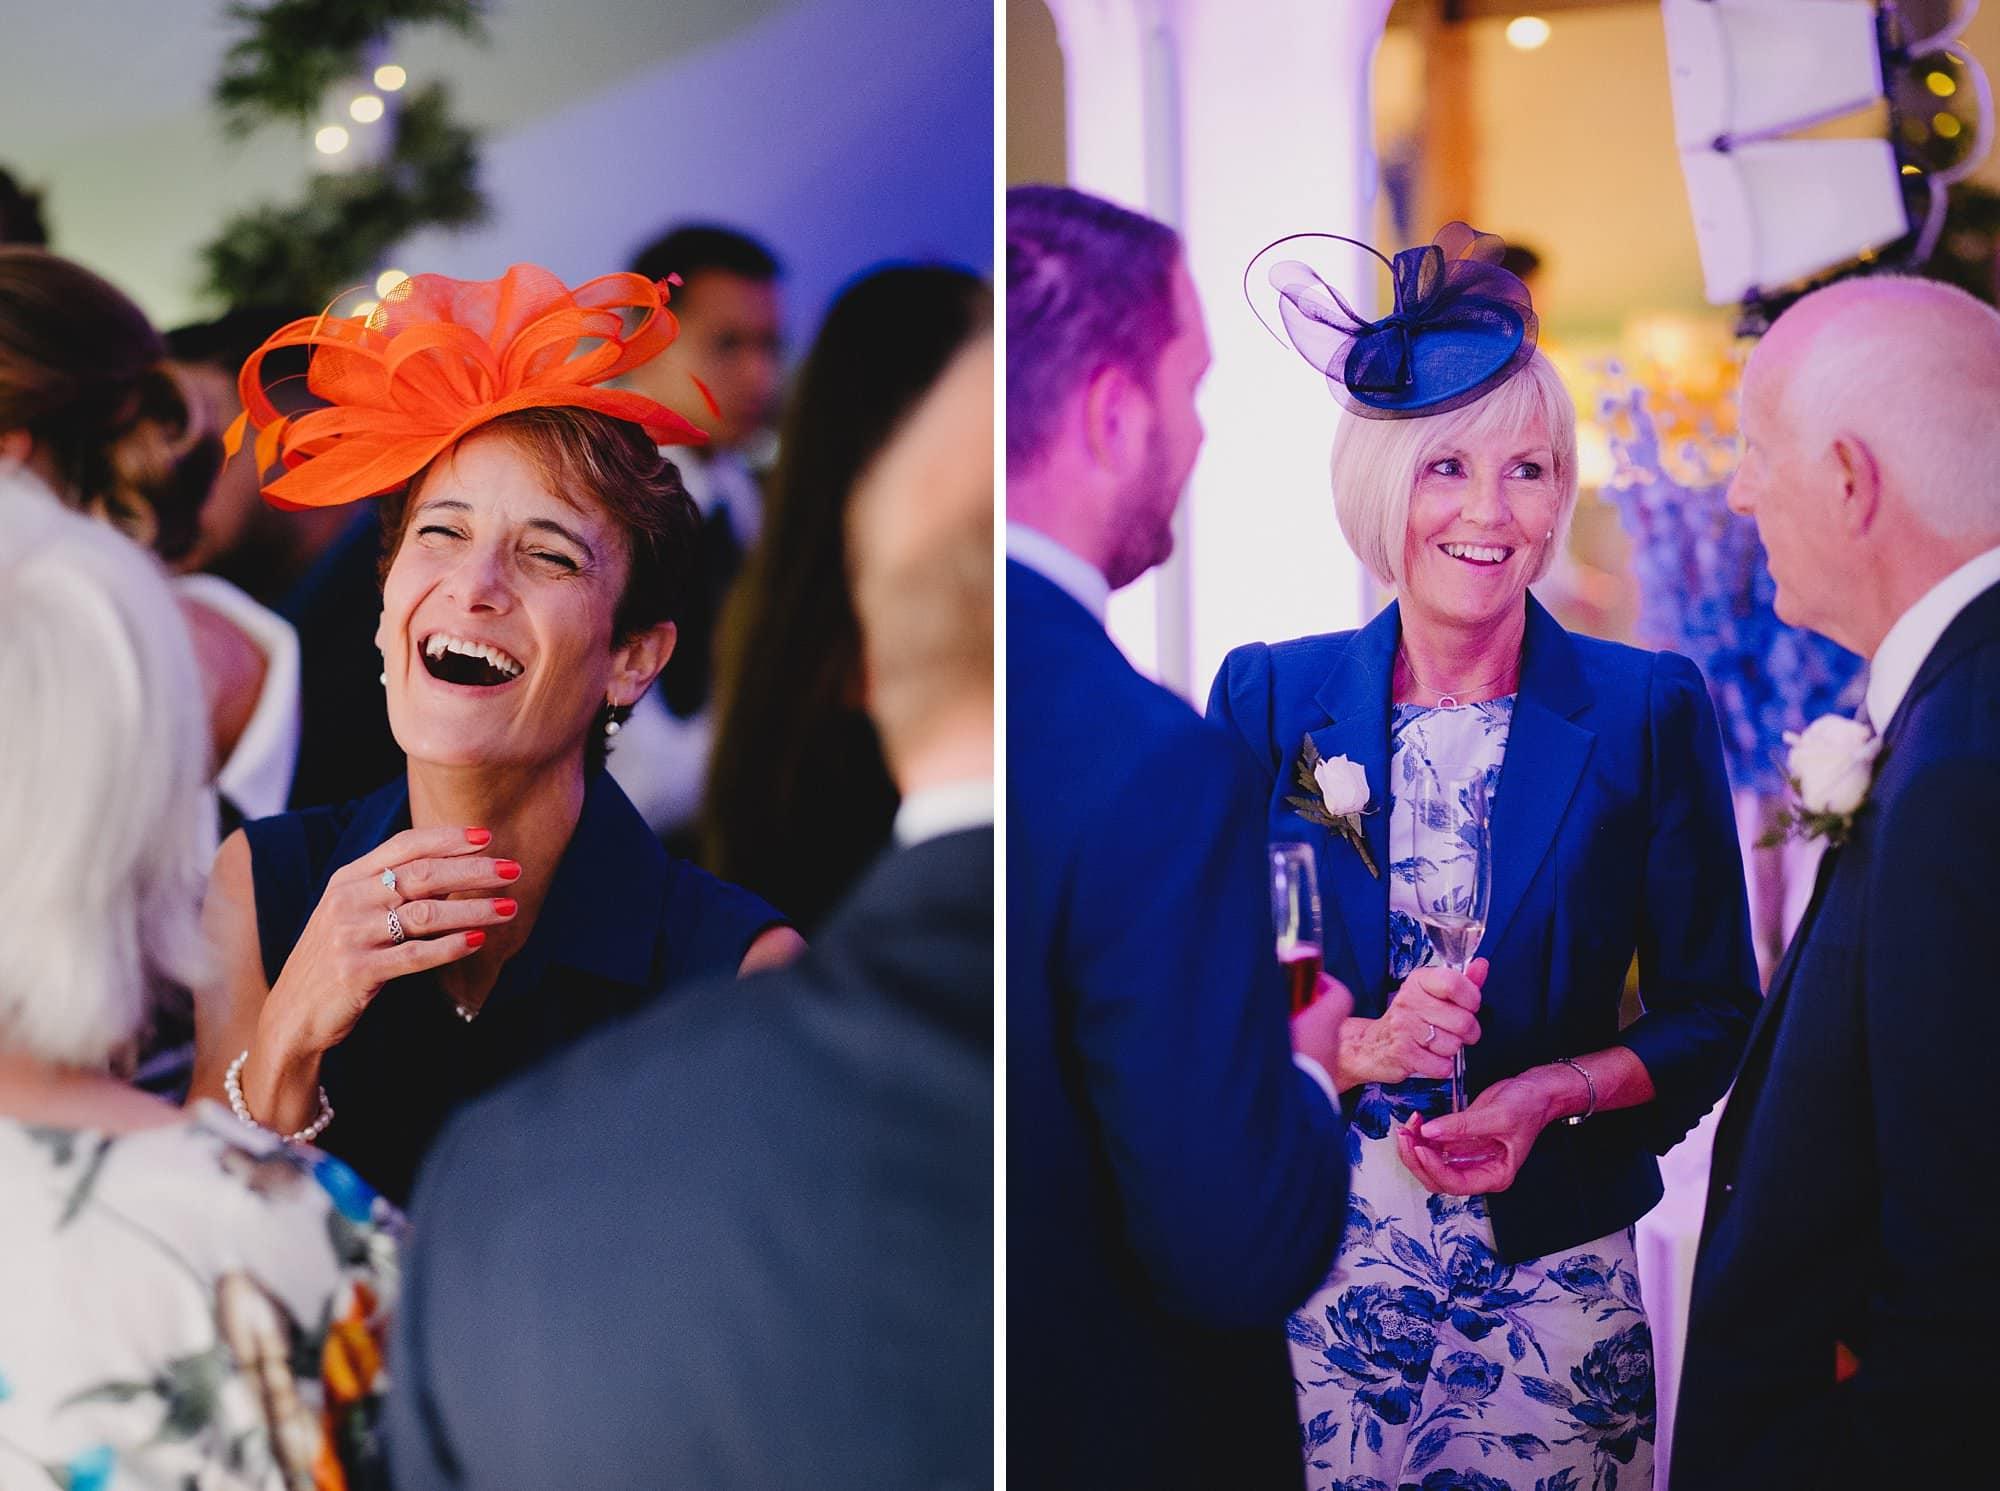 ashtead london wedding photographer 060 - Rachel & Jonny's Ashtead Wedding